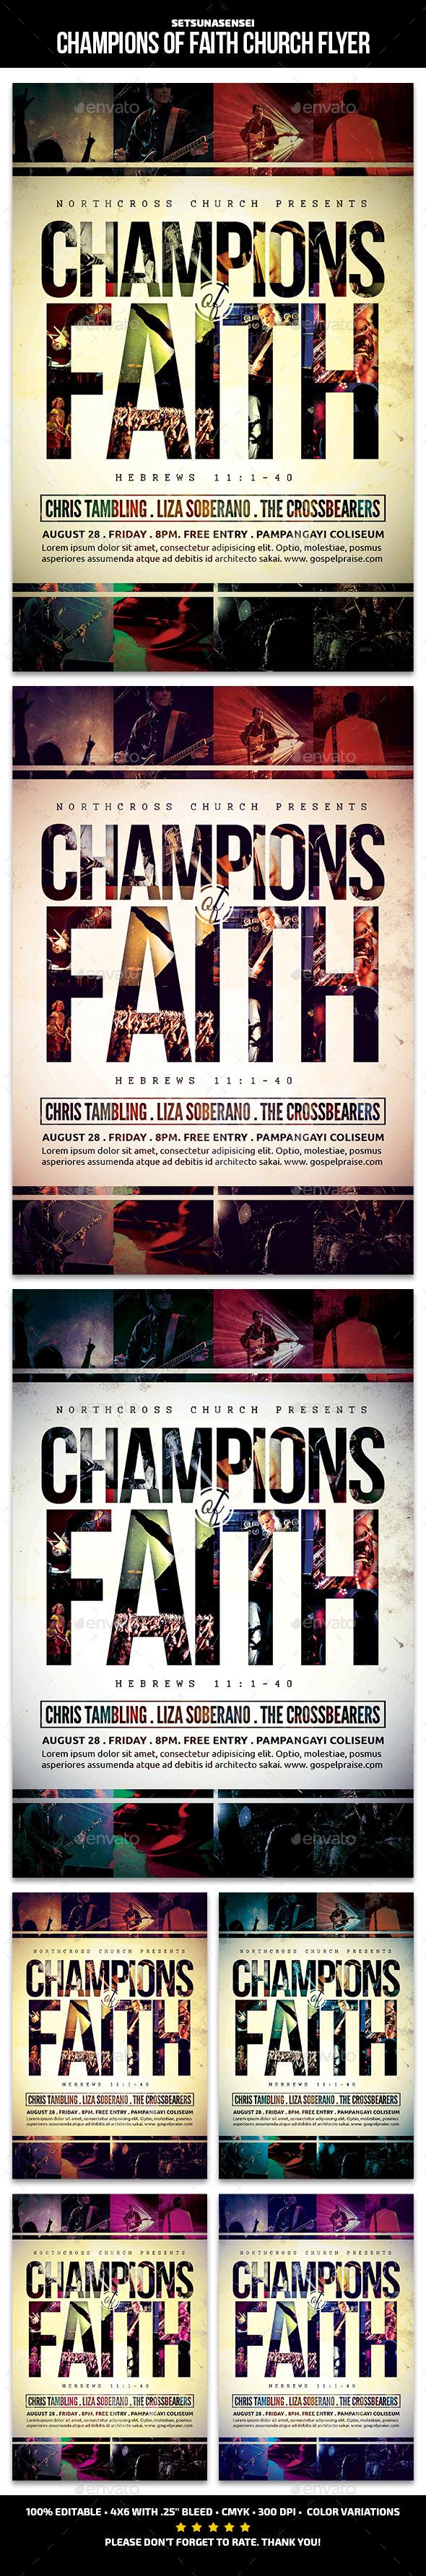 Champions of Faith Church Flyer - Church Flyers